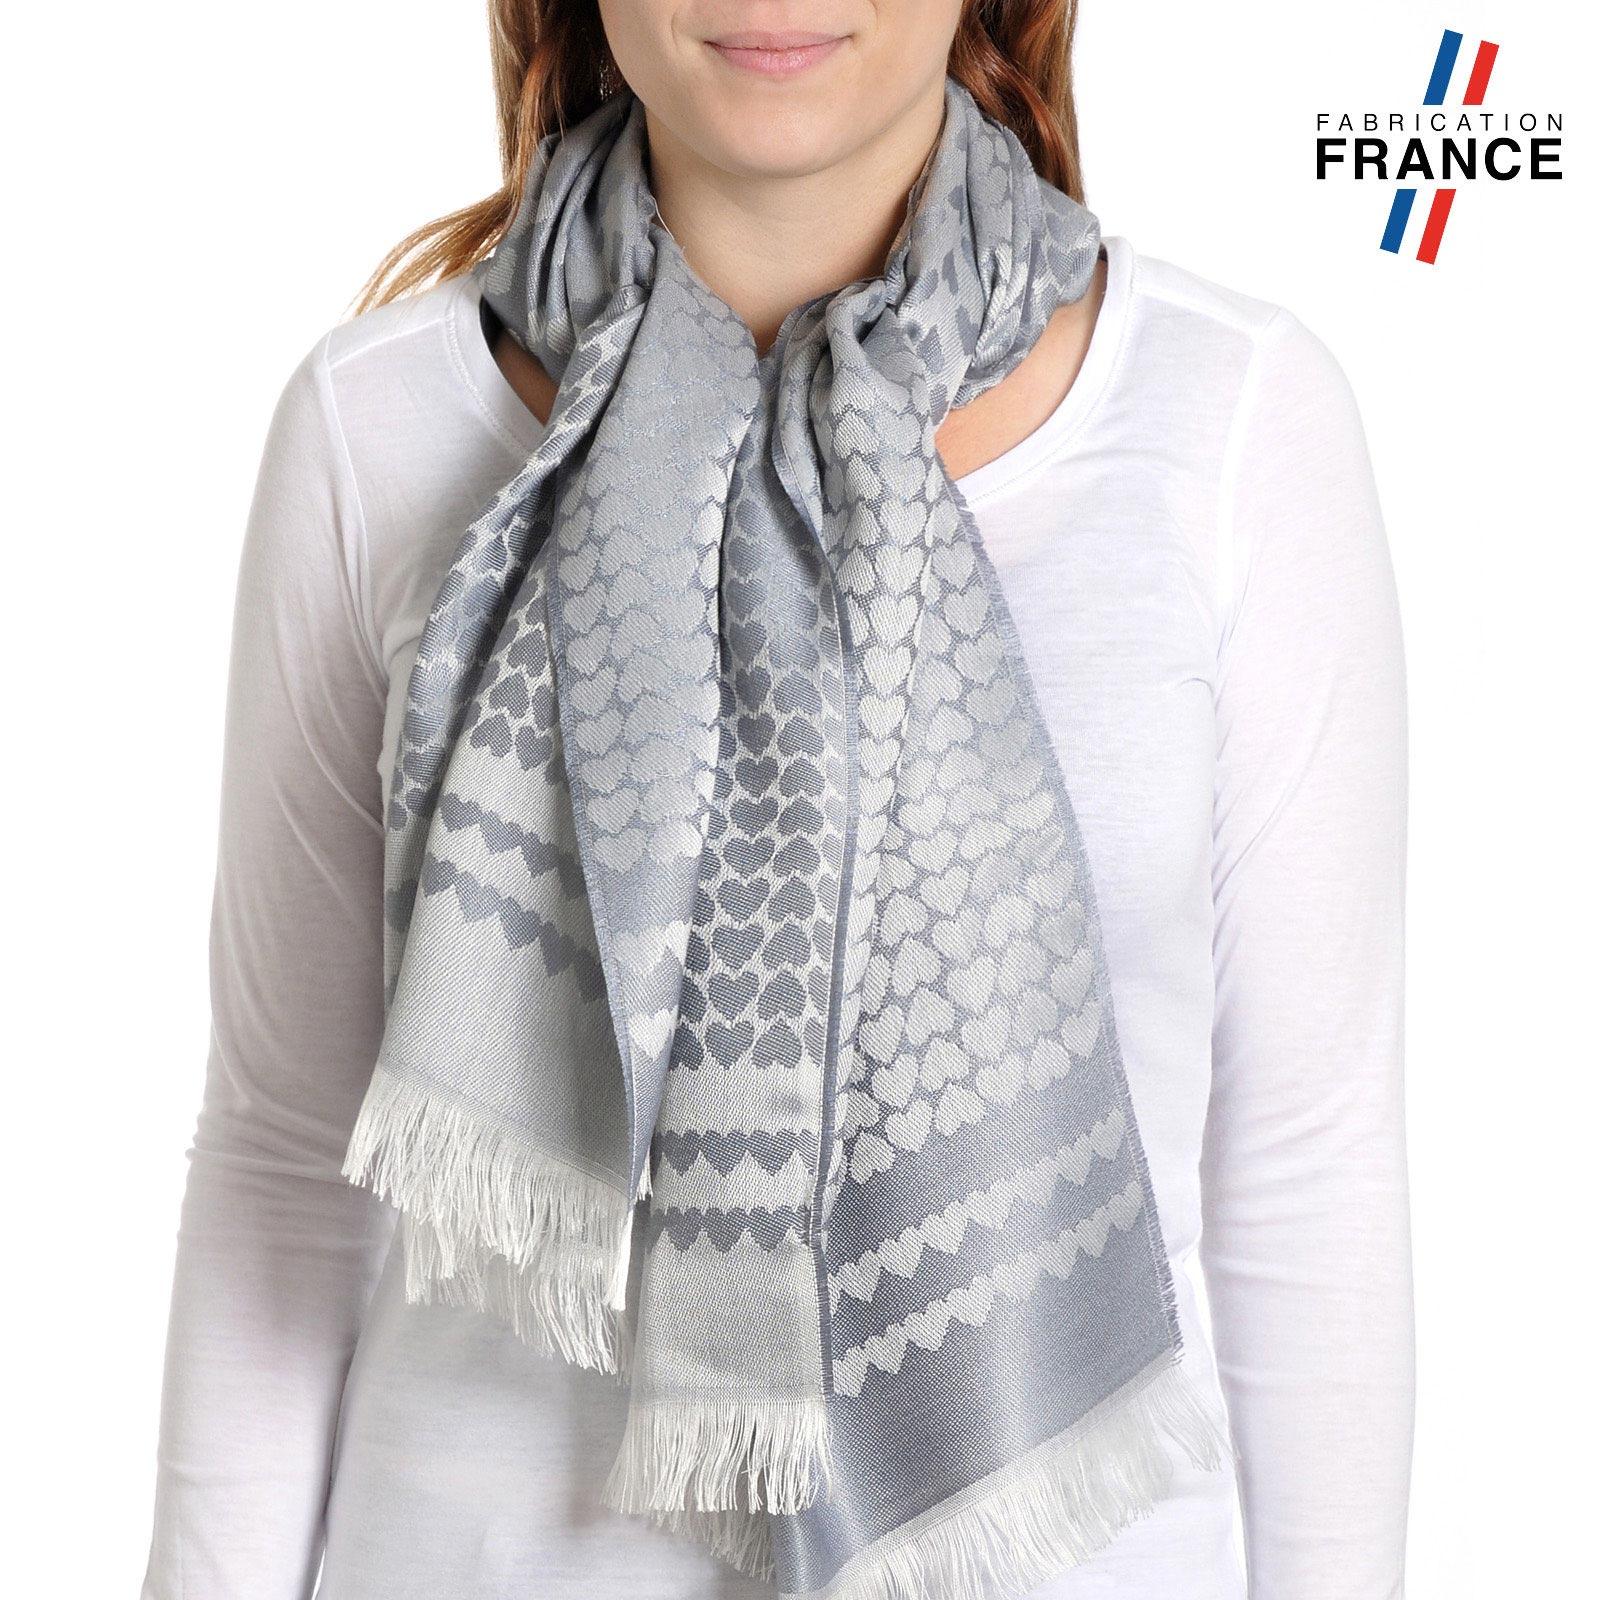 AT-04274-VF10-T-LB_FR-echarpe-qualicoq-motifs-coeurs-gris-argent